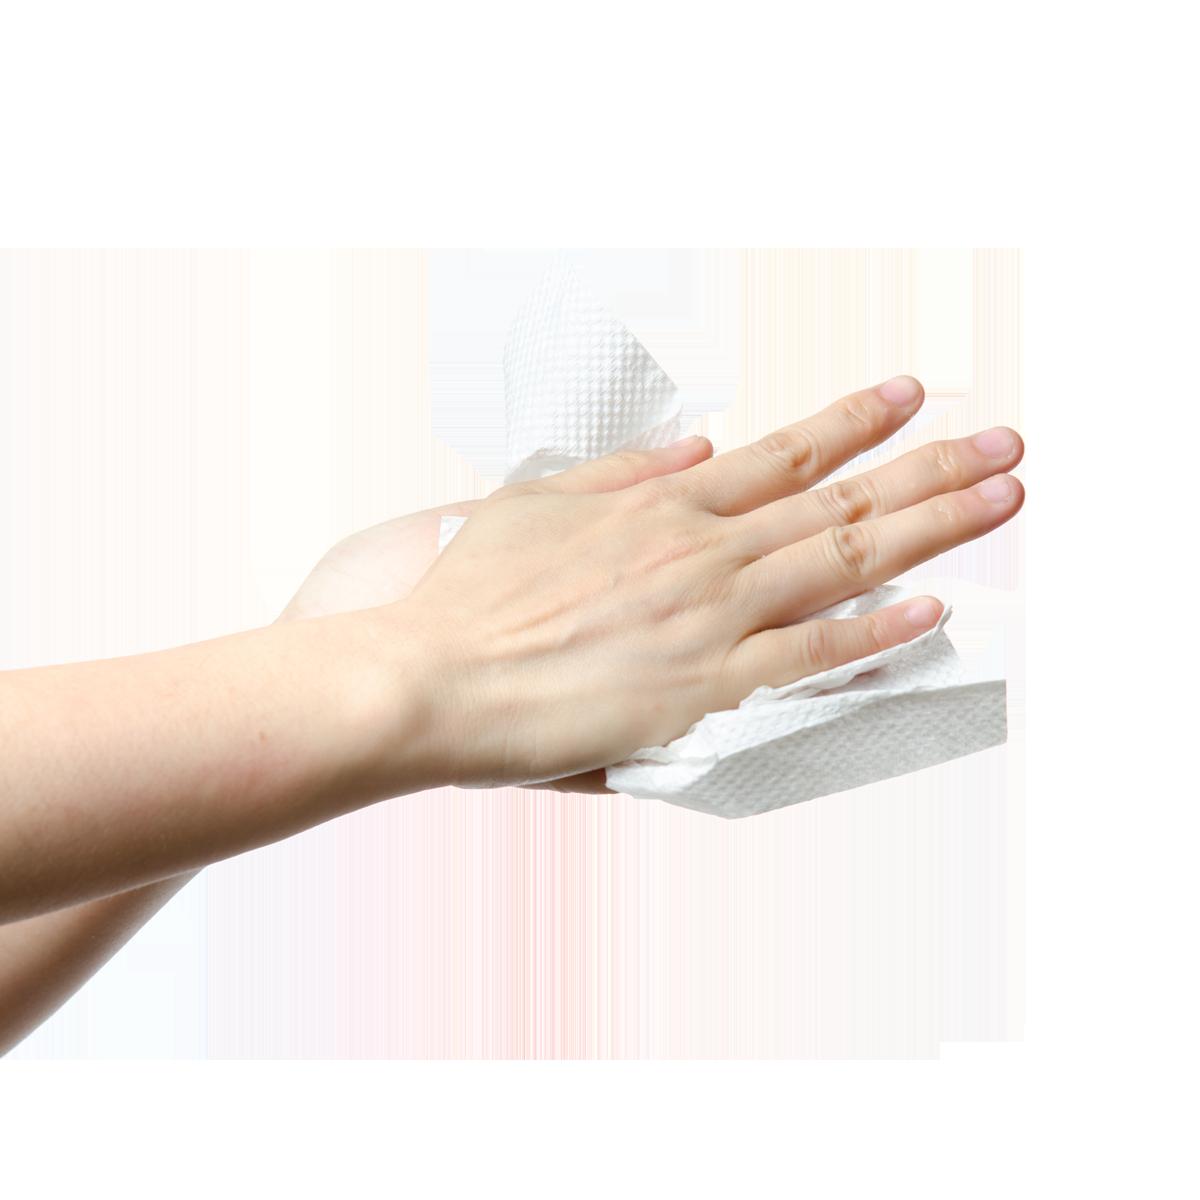 secado de manos